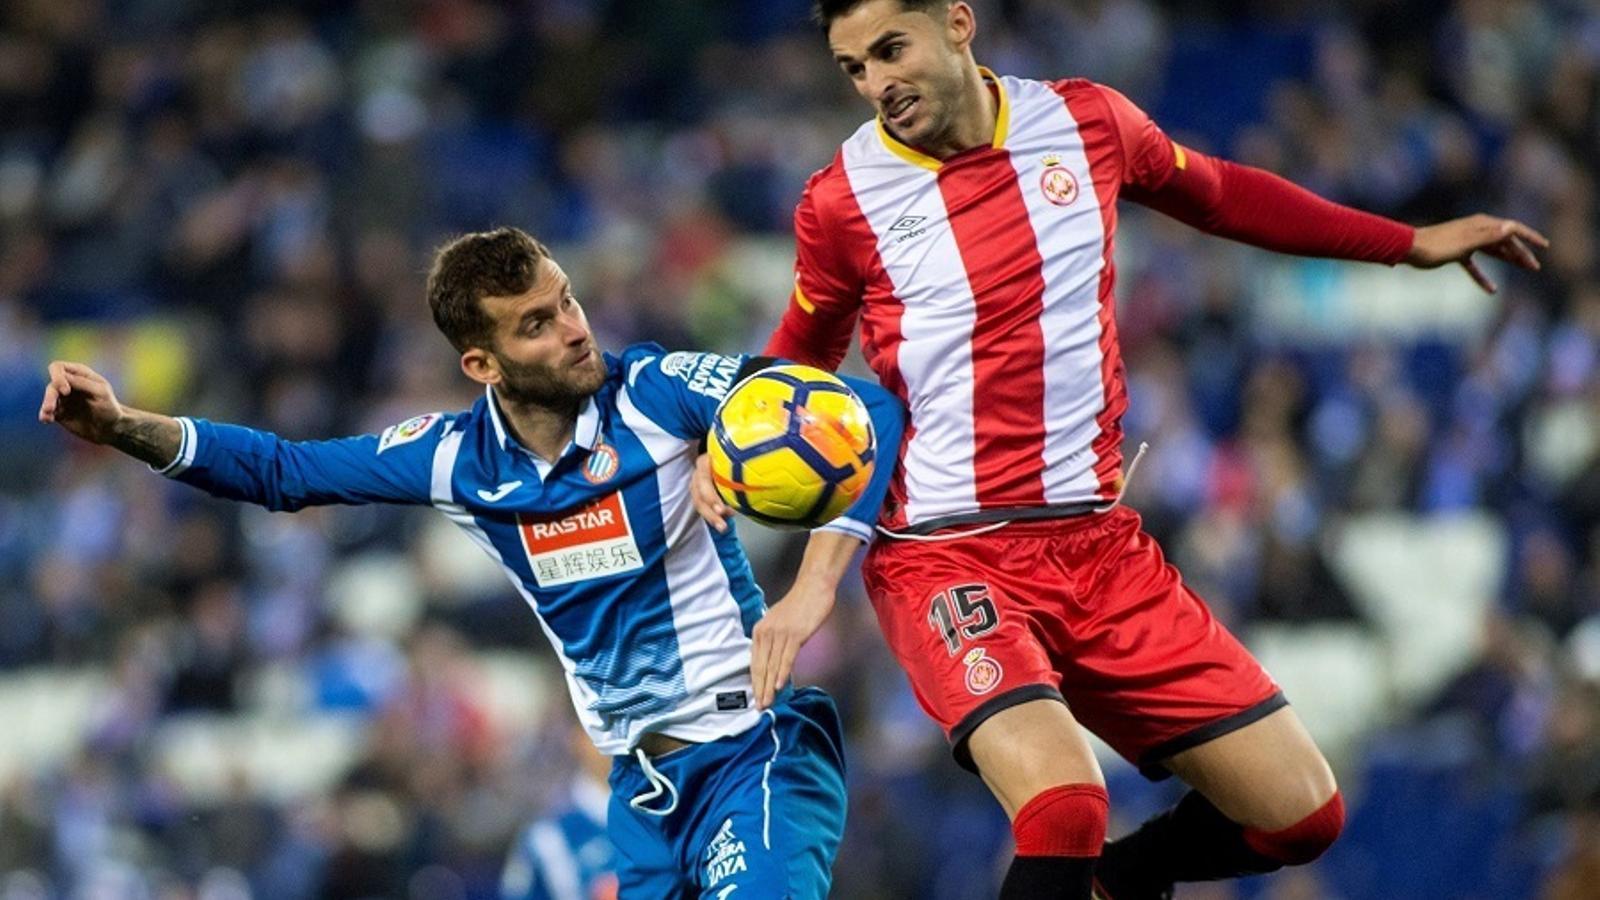 Juanpe salta més que Stuani, en l'Espanyol-Girona de dilluns al RCDE Stadium